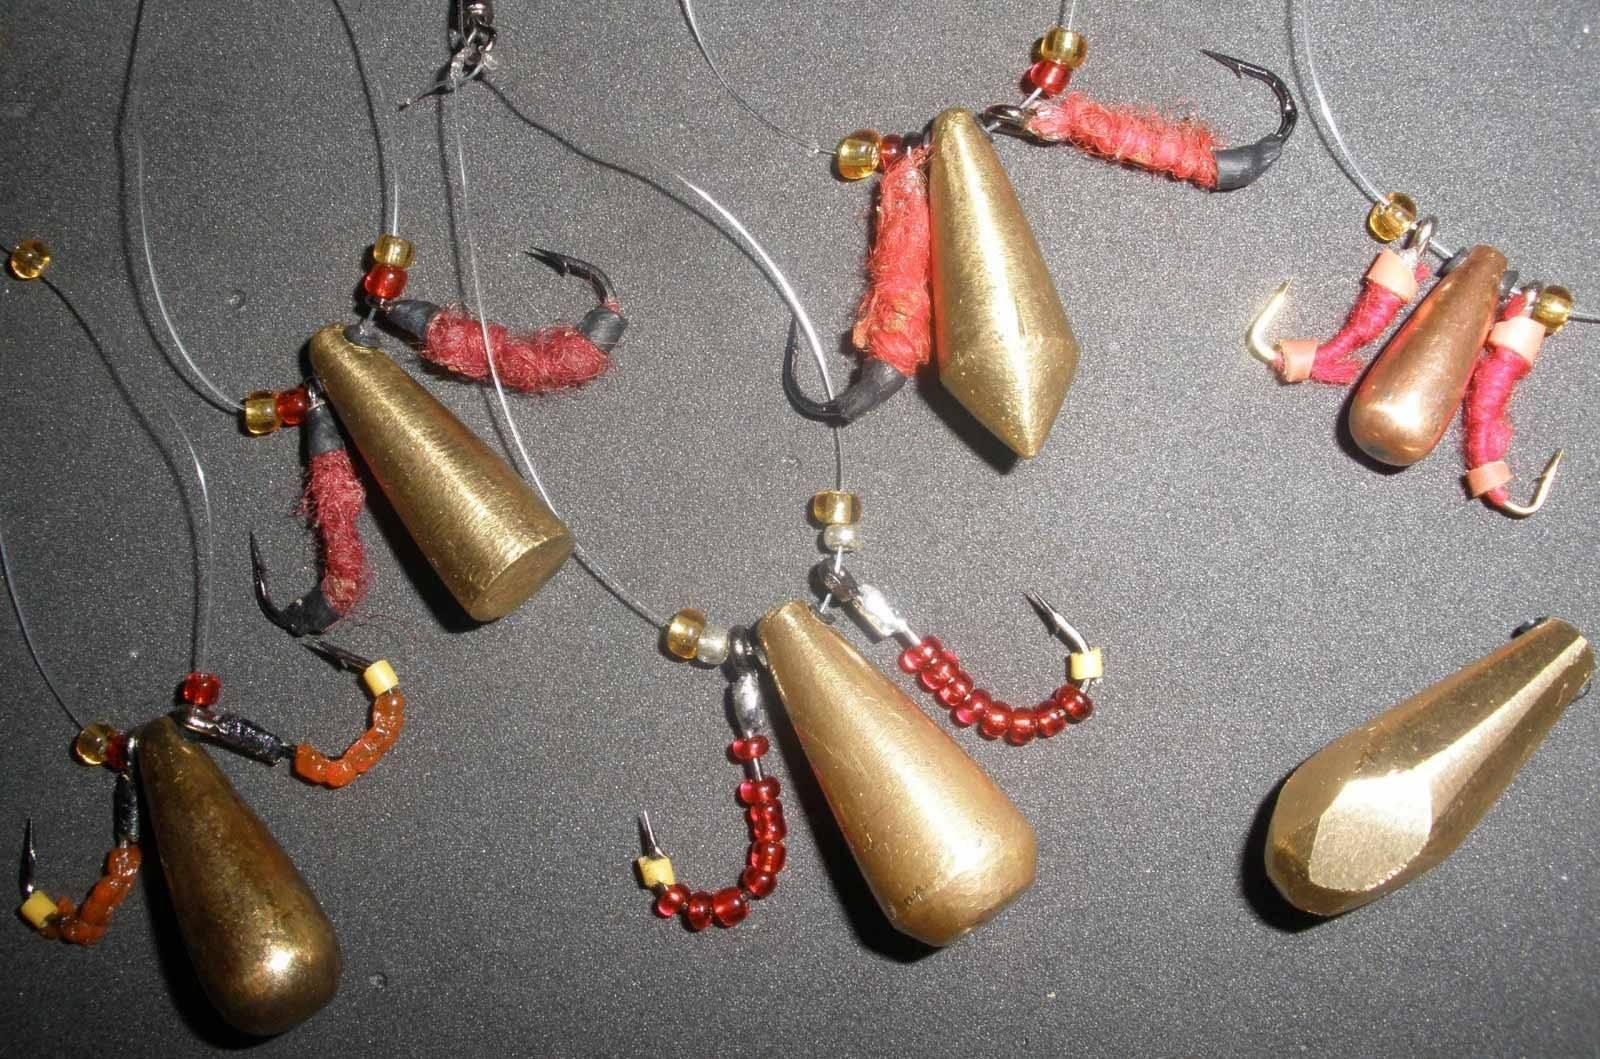 Ловля окуня зимой на балду и изготовление приманки